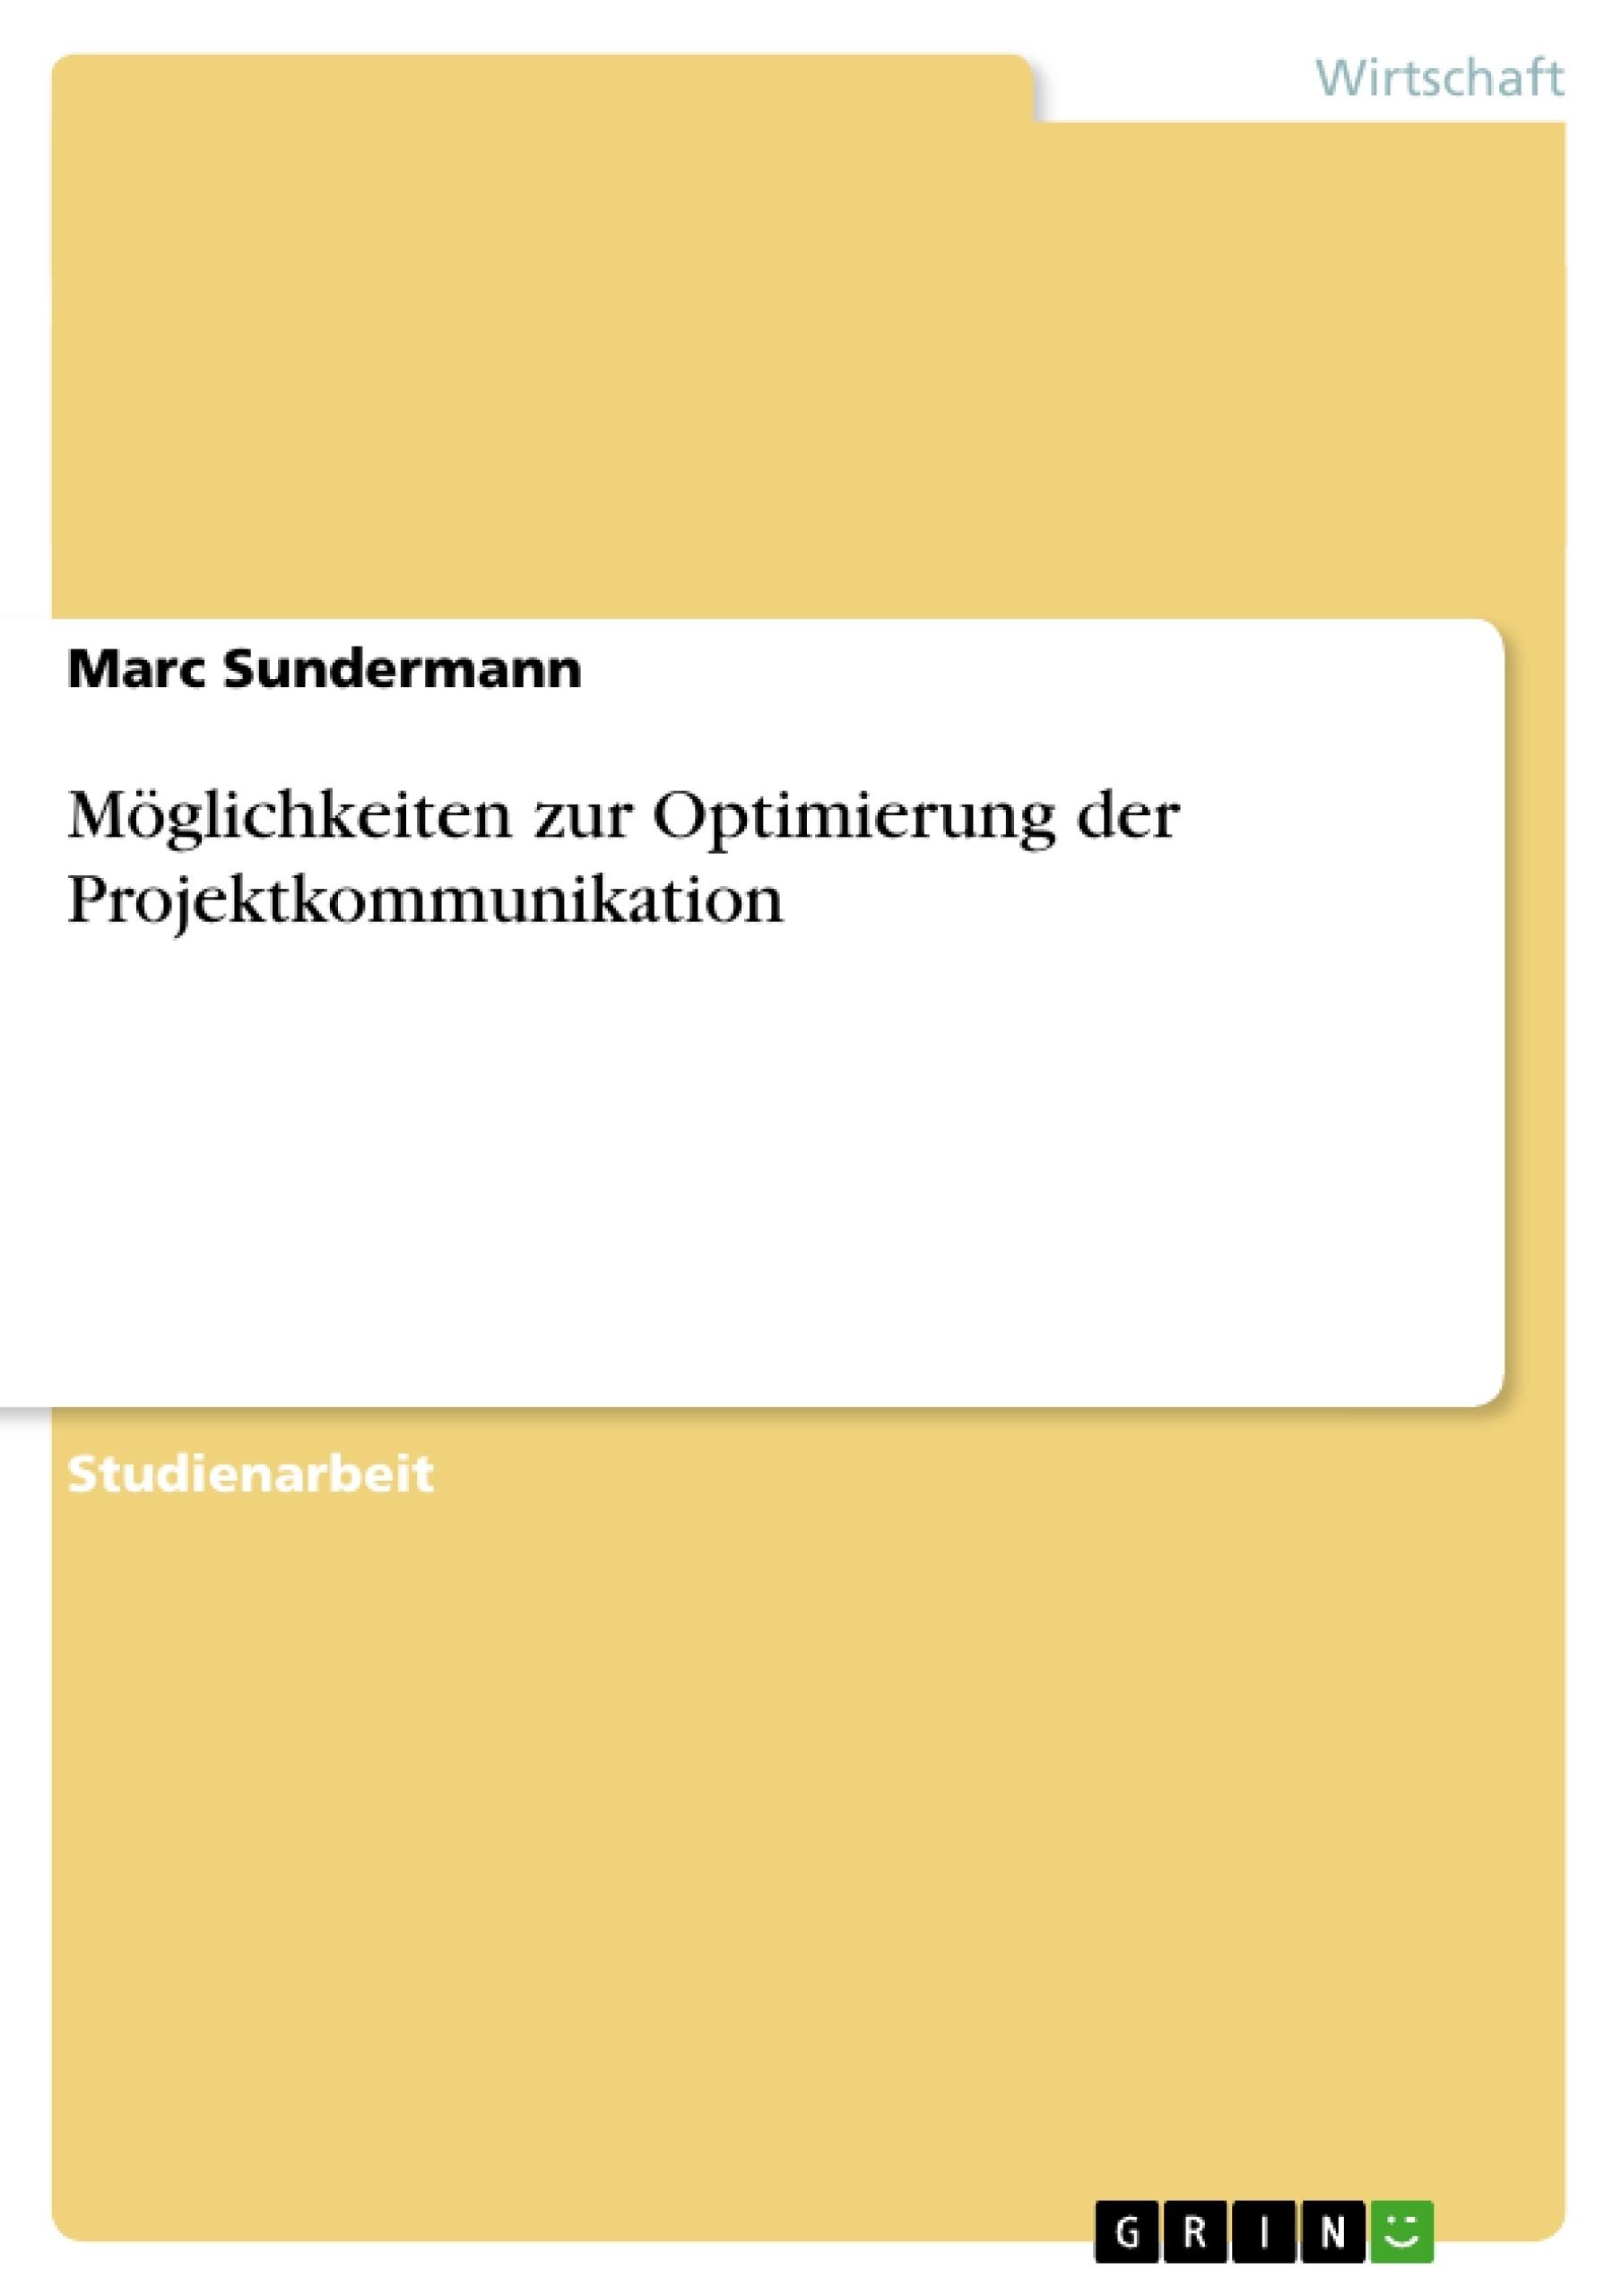 Titel: Möglichkeiten zur Optimierung der Projektkommunikation